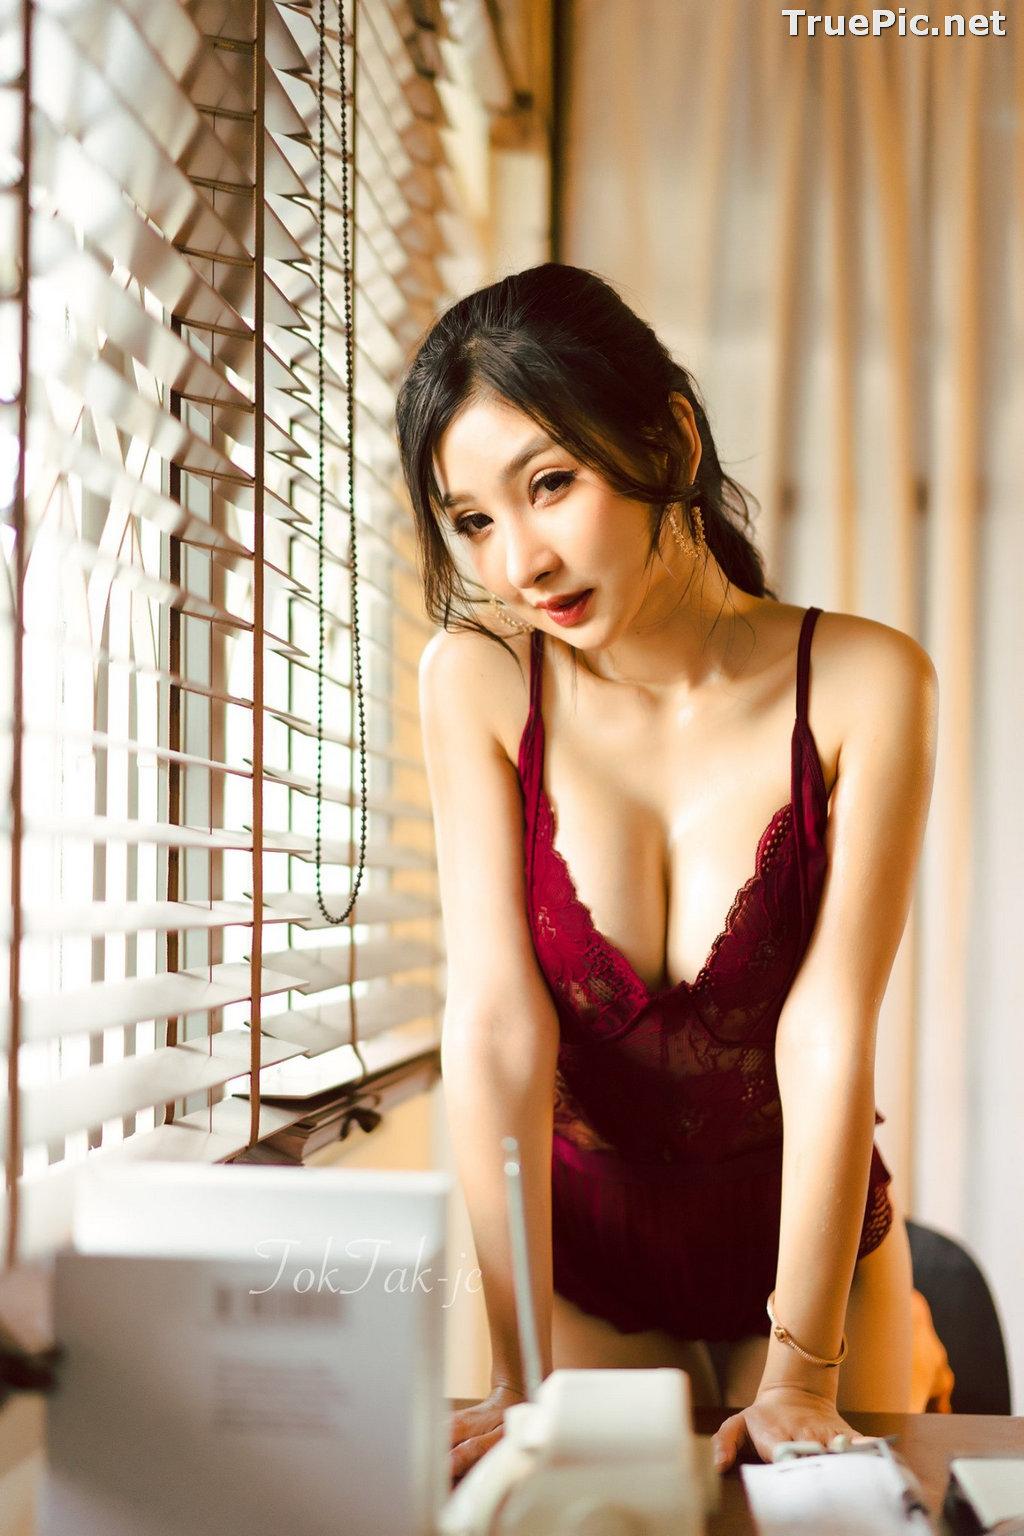 Image Thailand Model - Pattamaporn Keawkum - Red Plum Lingerie - TruePic.net - Picture-9